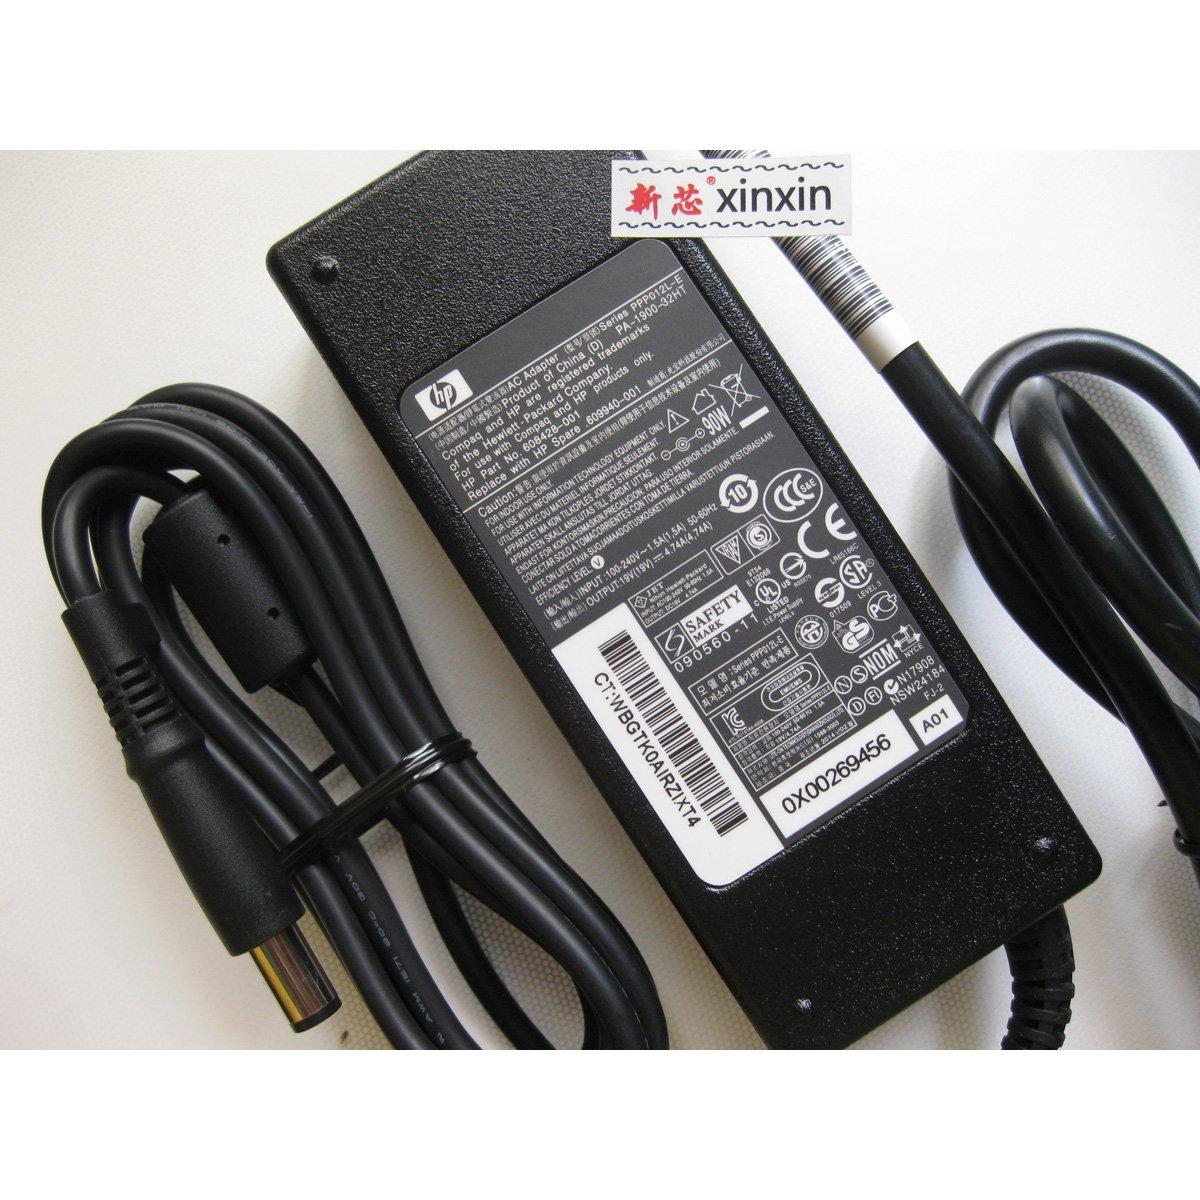 新芯/hp/惠普-促销新款原装hp电源90w笔记本适配器 p.